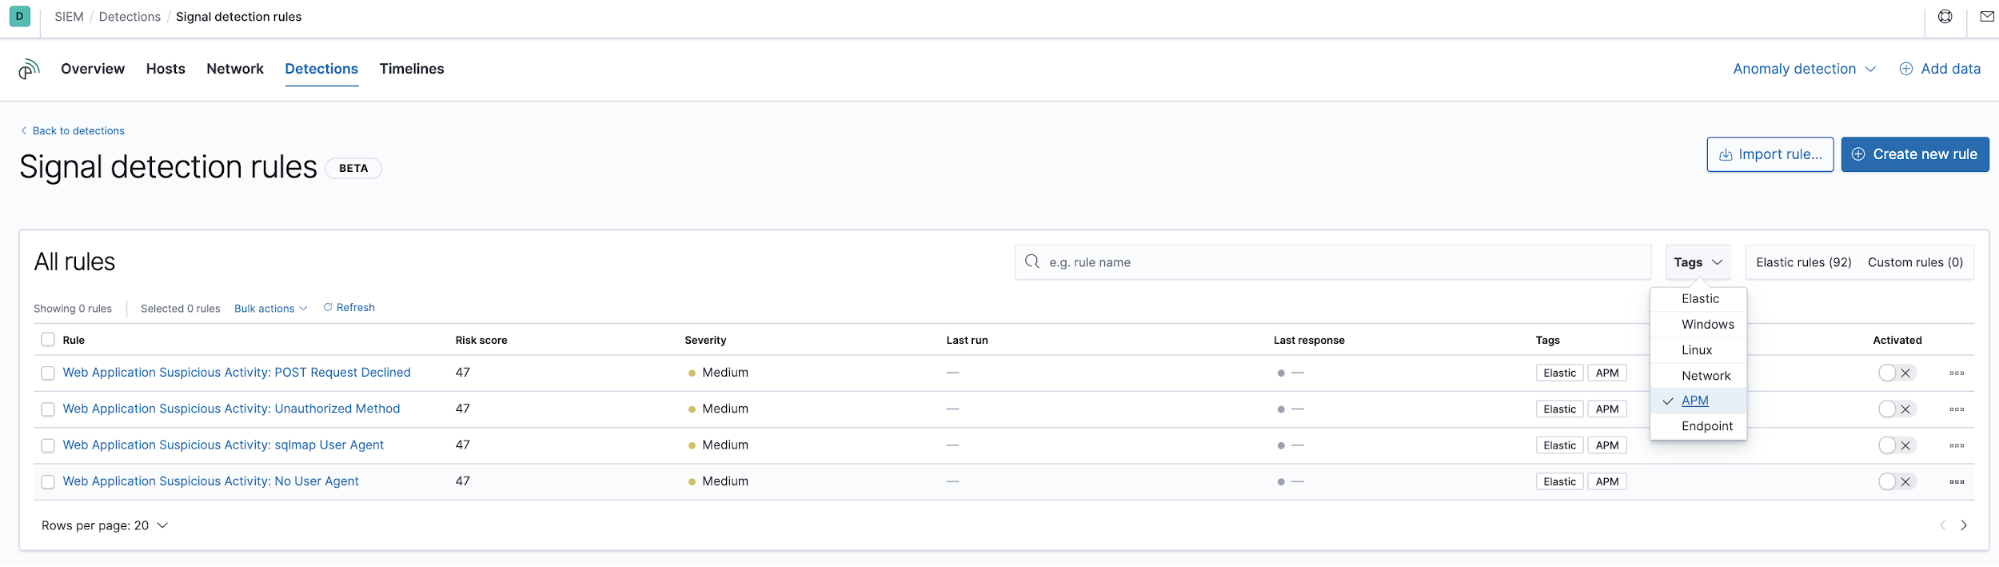 APM data in SIEM app